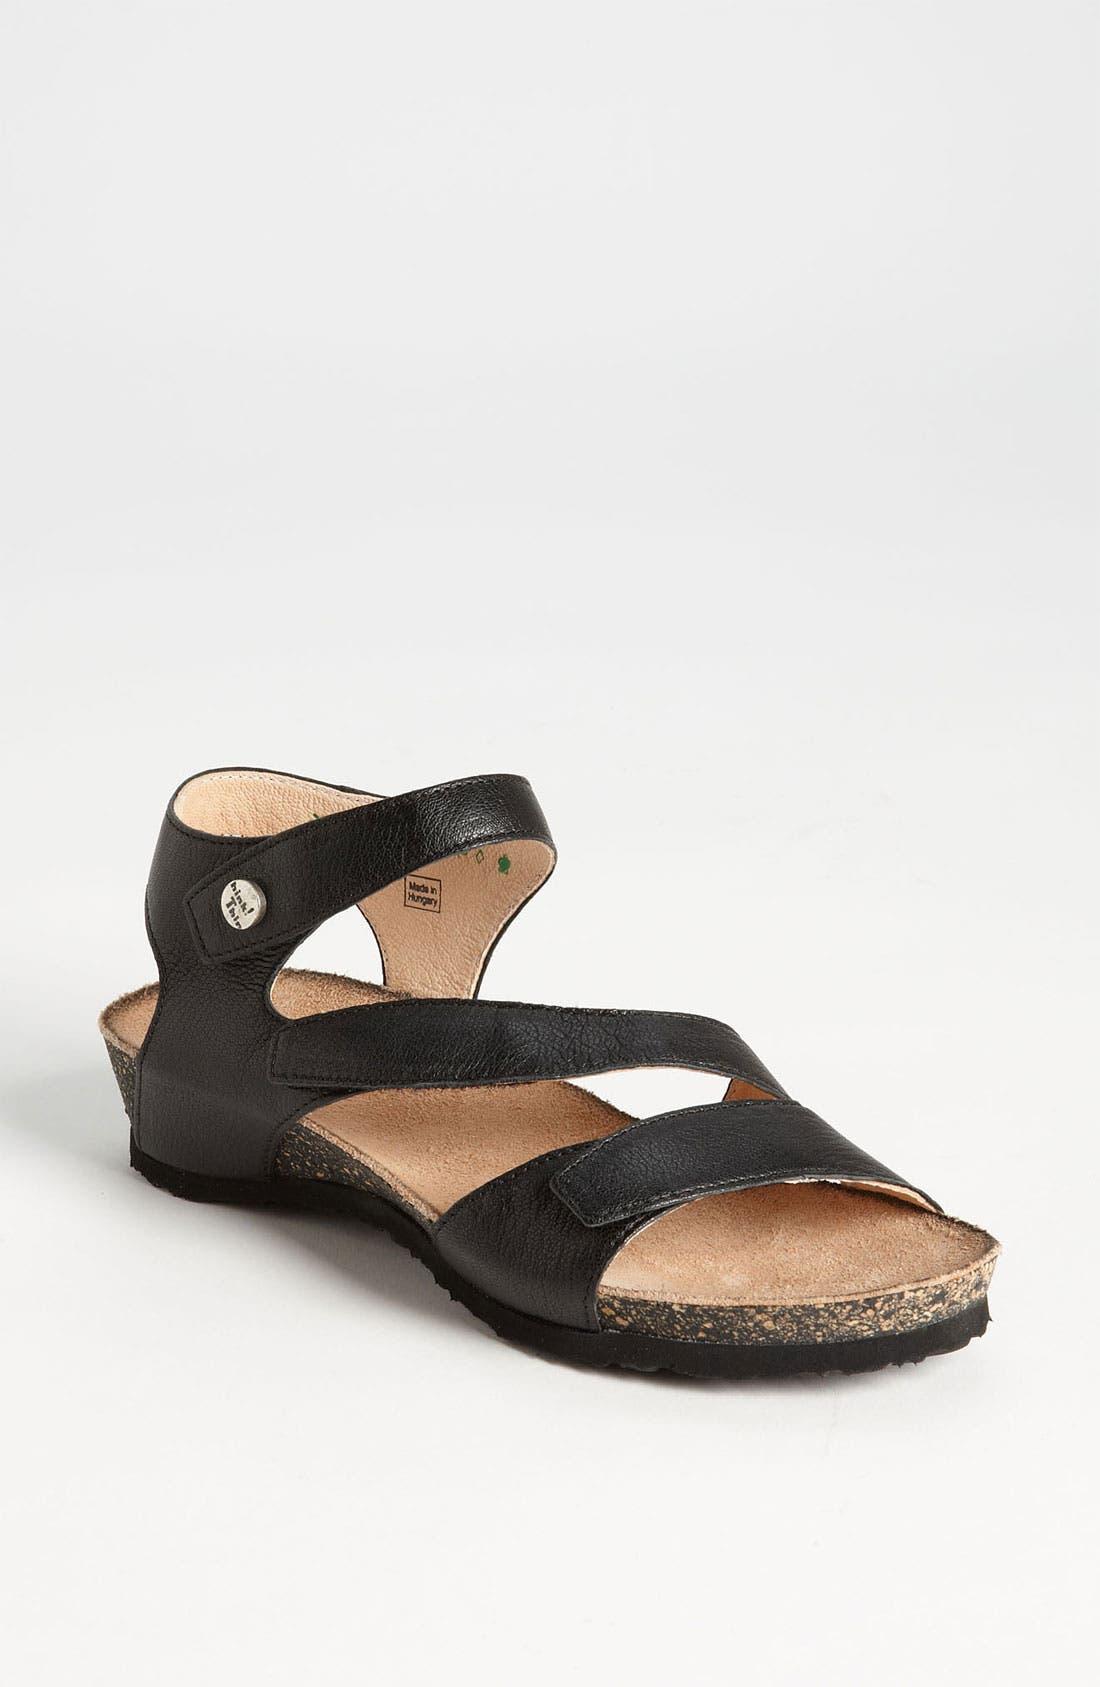 'Dumia' Three Strap Sandal,                         Main,                         color, 001